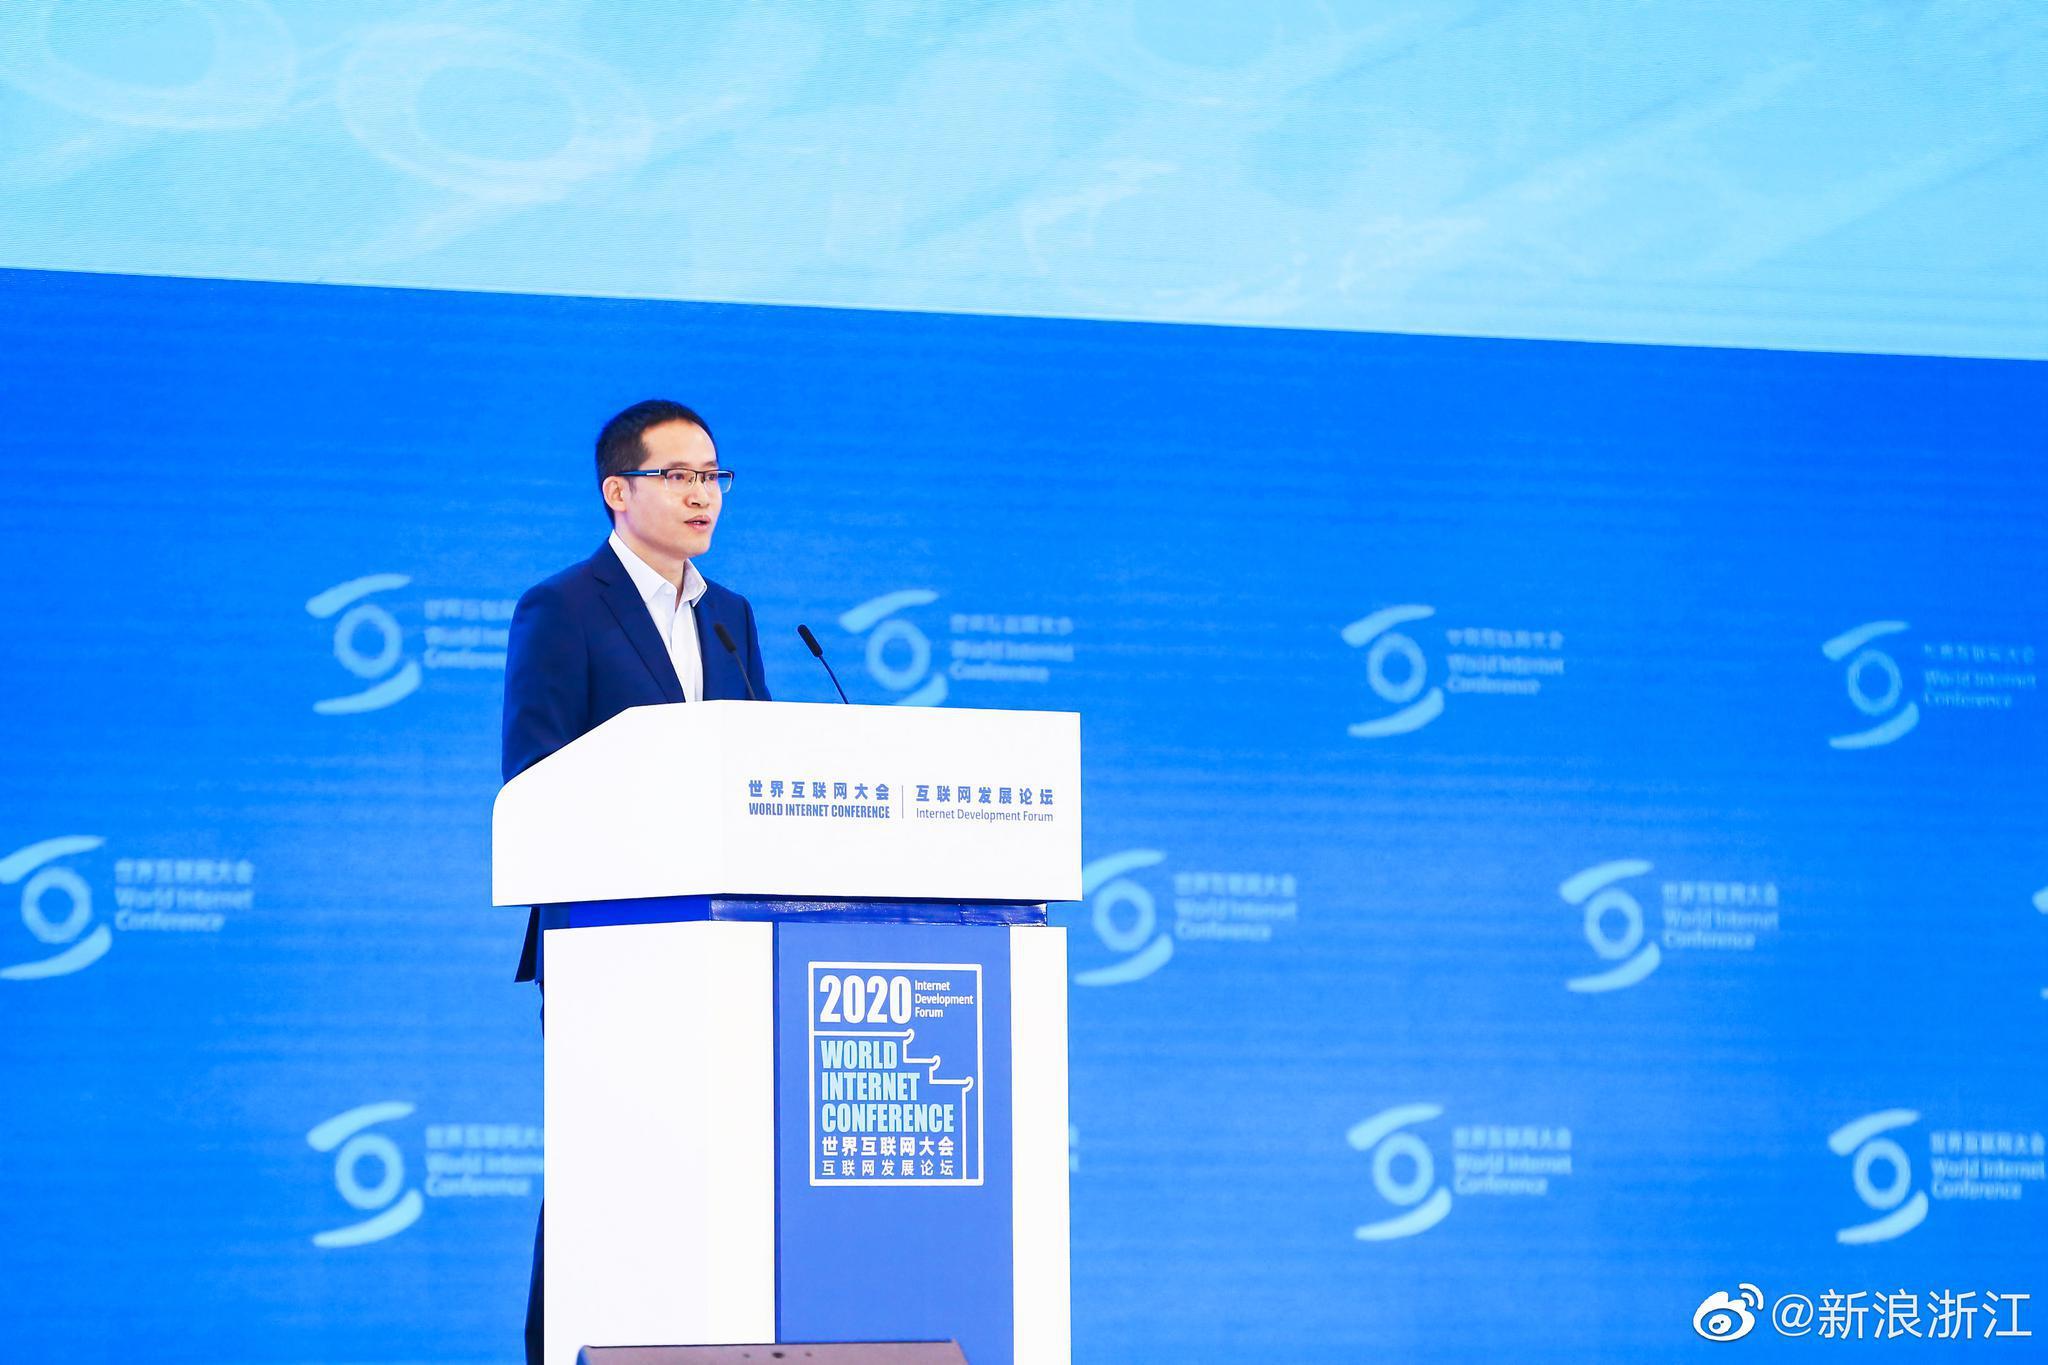 阿里云总裁张建锋云为工业互联网提供四项价值